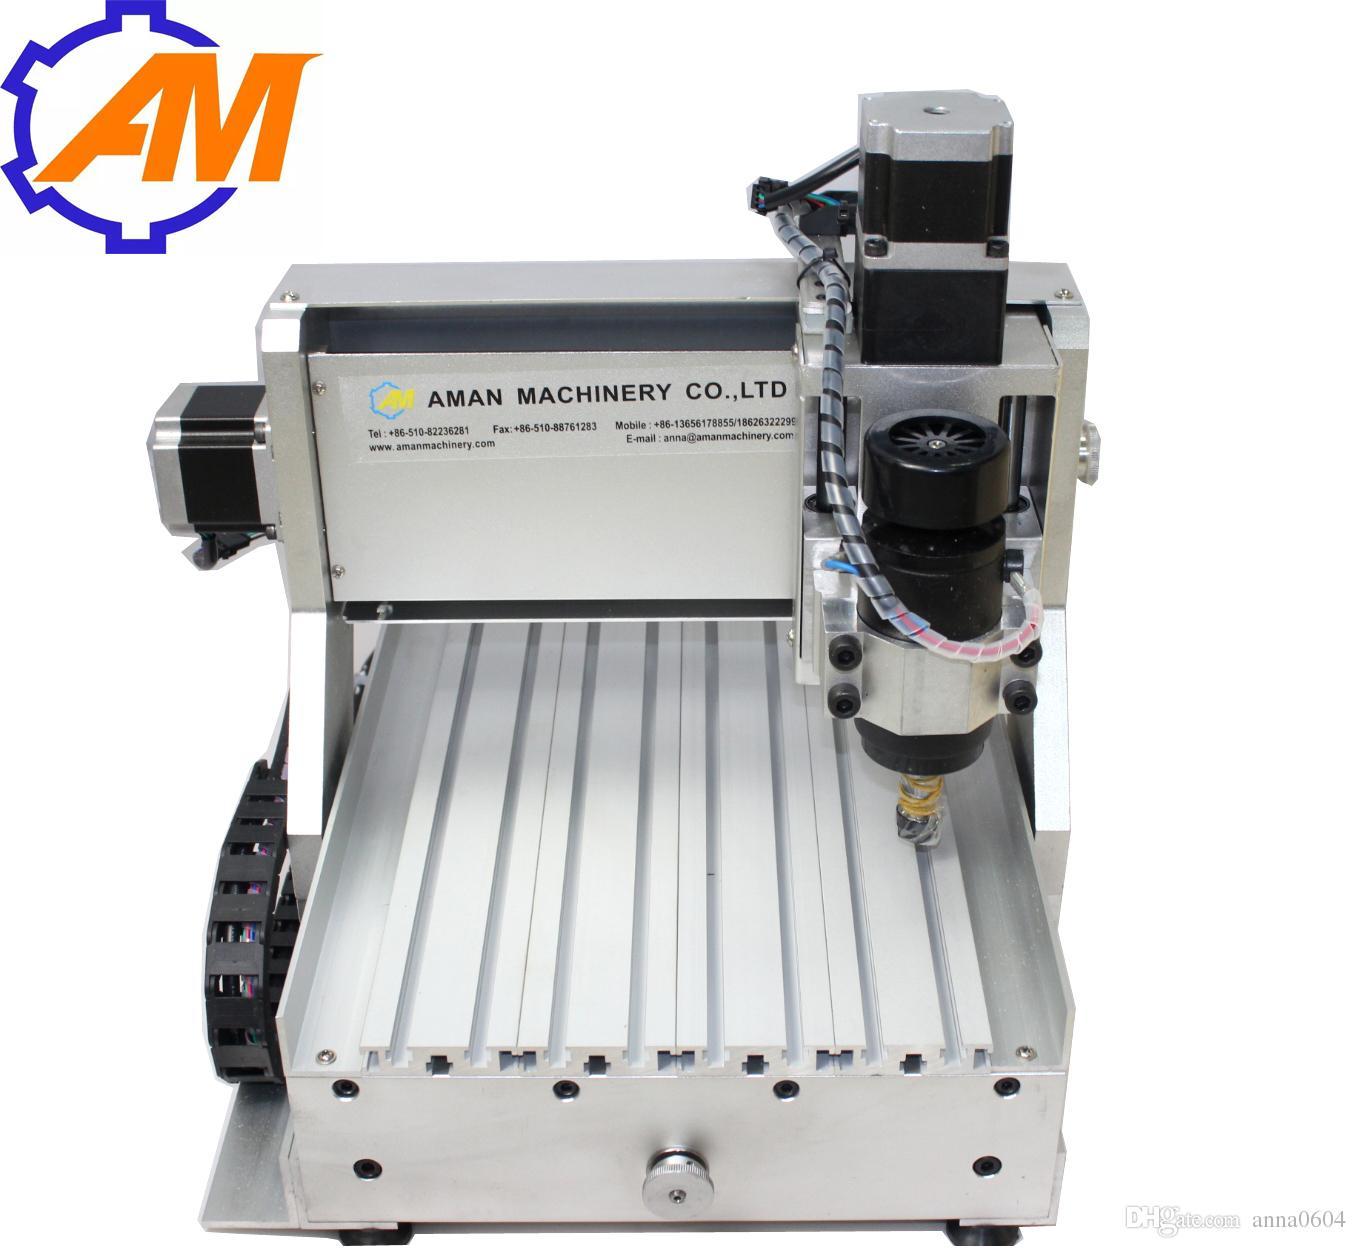 2018 nouvelle conception chine cnc routeur machine, 4 axes cnc routeur graveur machine, CNC machines de gravure avec certification CE